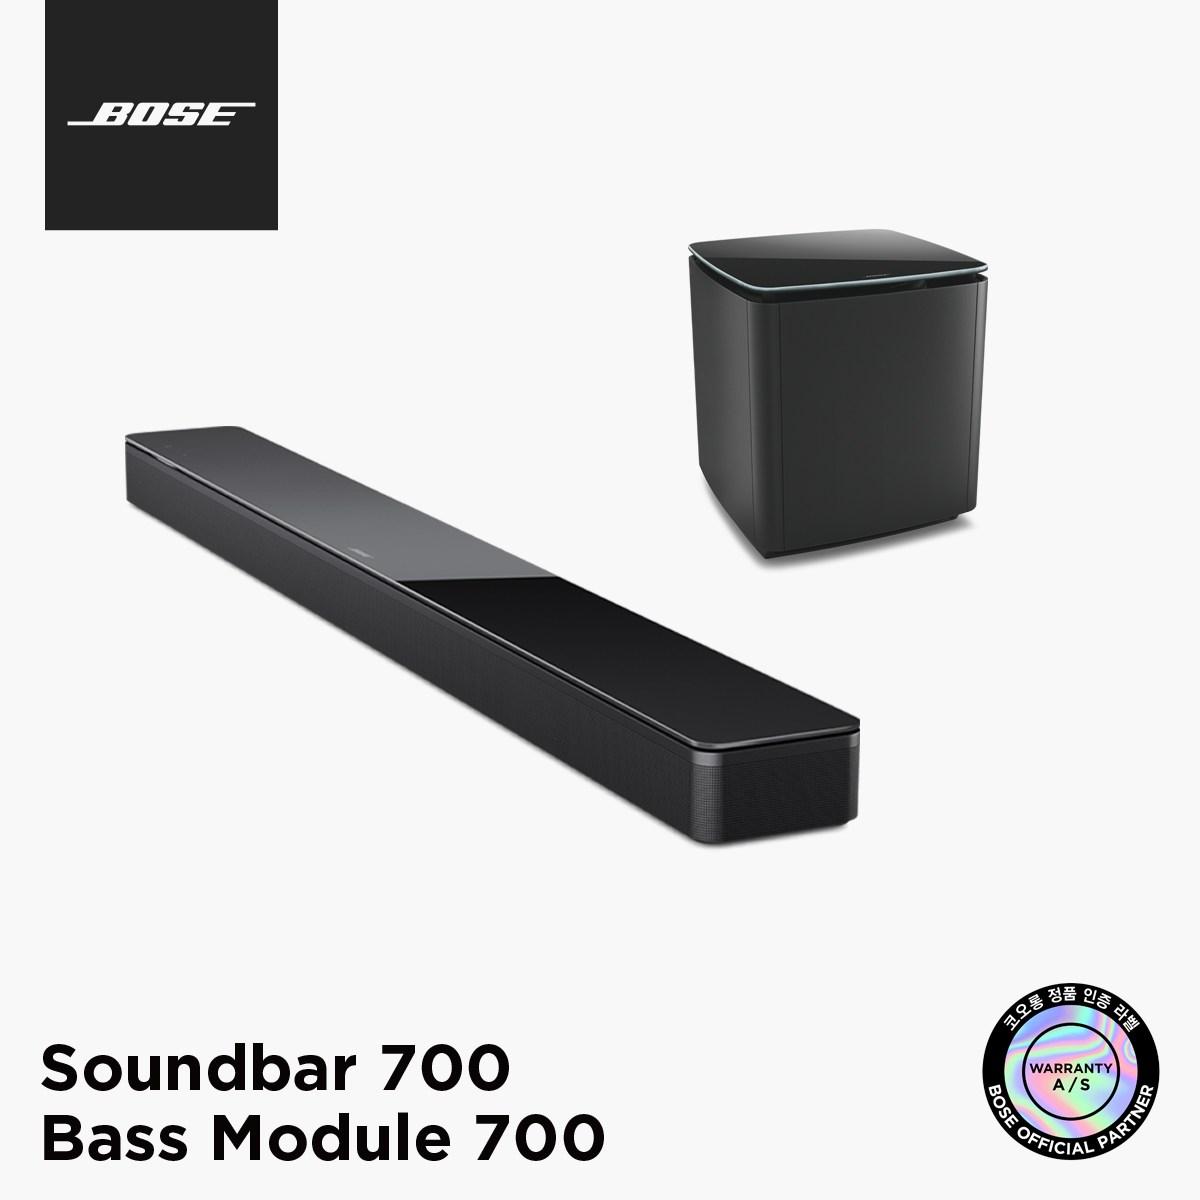 [BOSE] 보스 정품 사운드바 700 + 베이스 모듈 700 세트, 아크틱 화이트